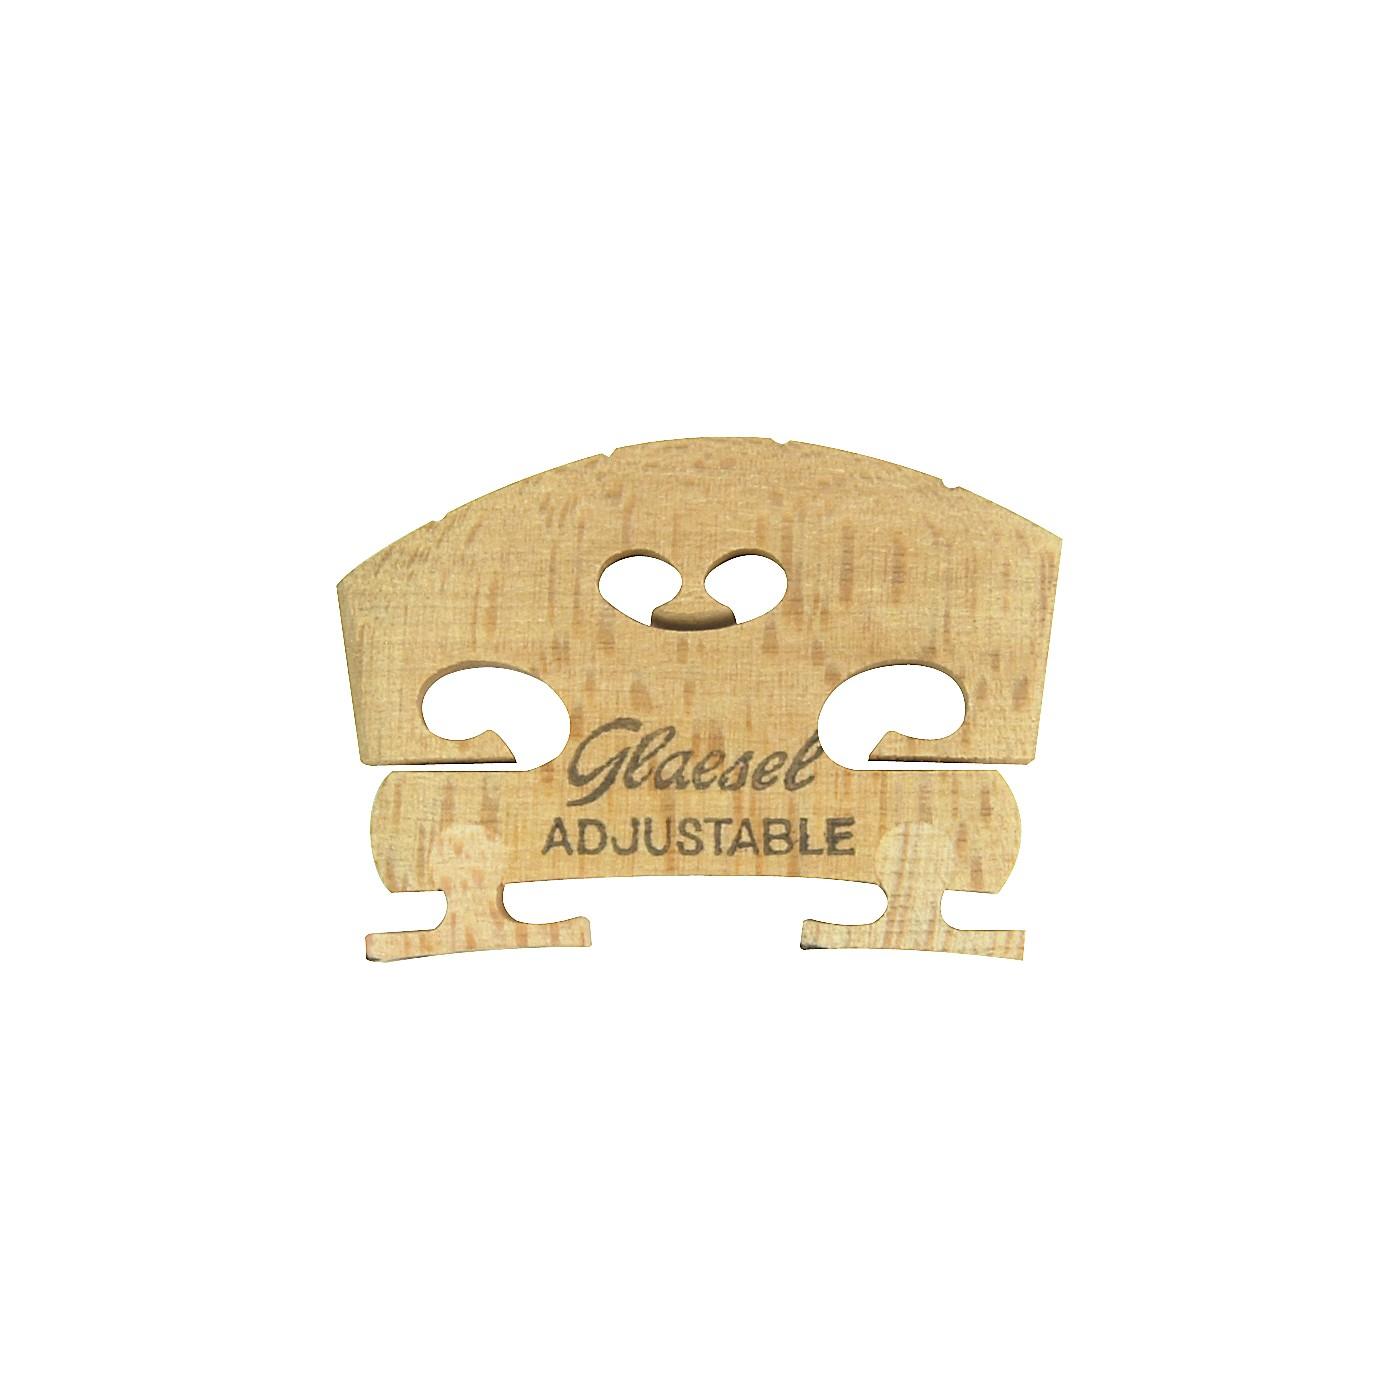 Glaesel Self-Adjusting 1/2 Violin Bridge thumbnail